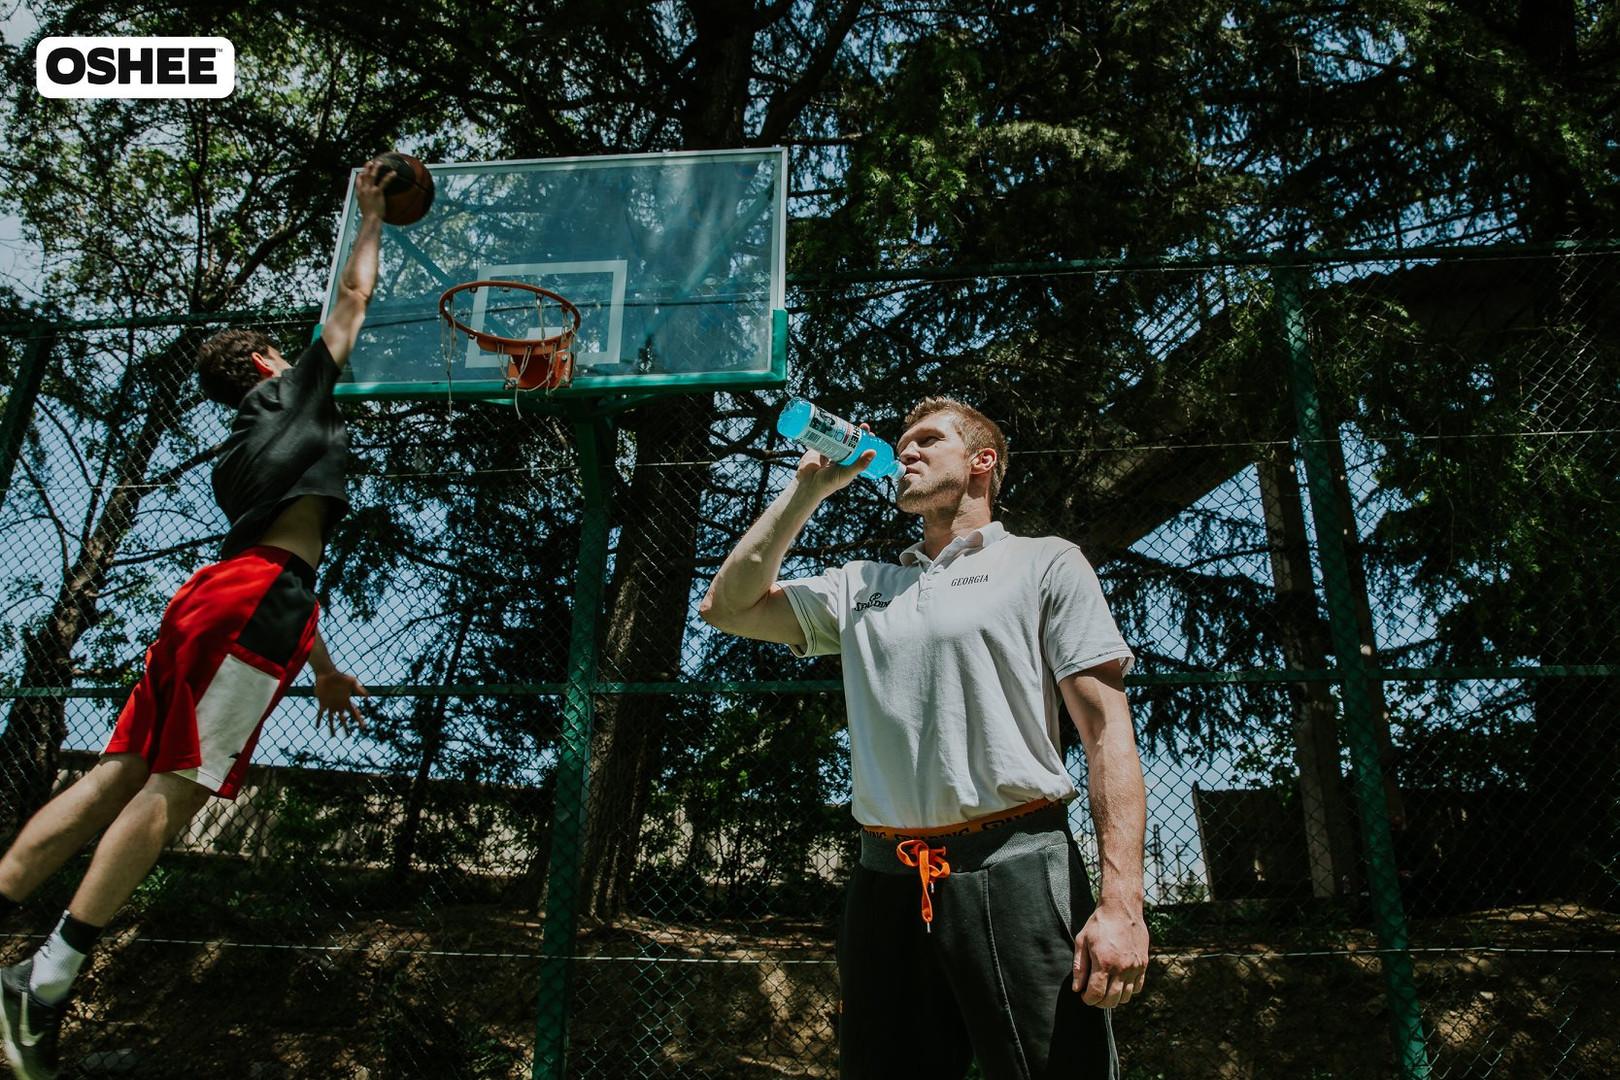 viktor boisa playing basketball